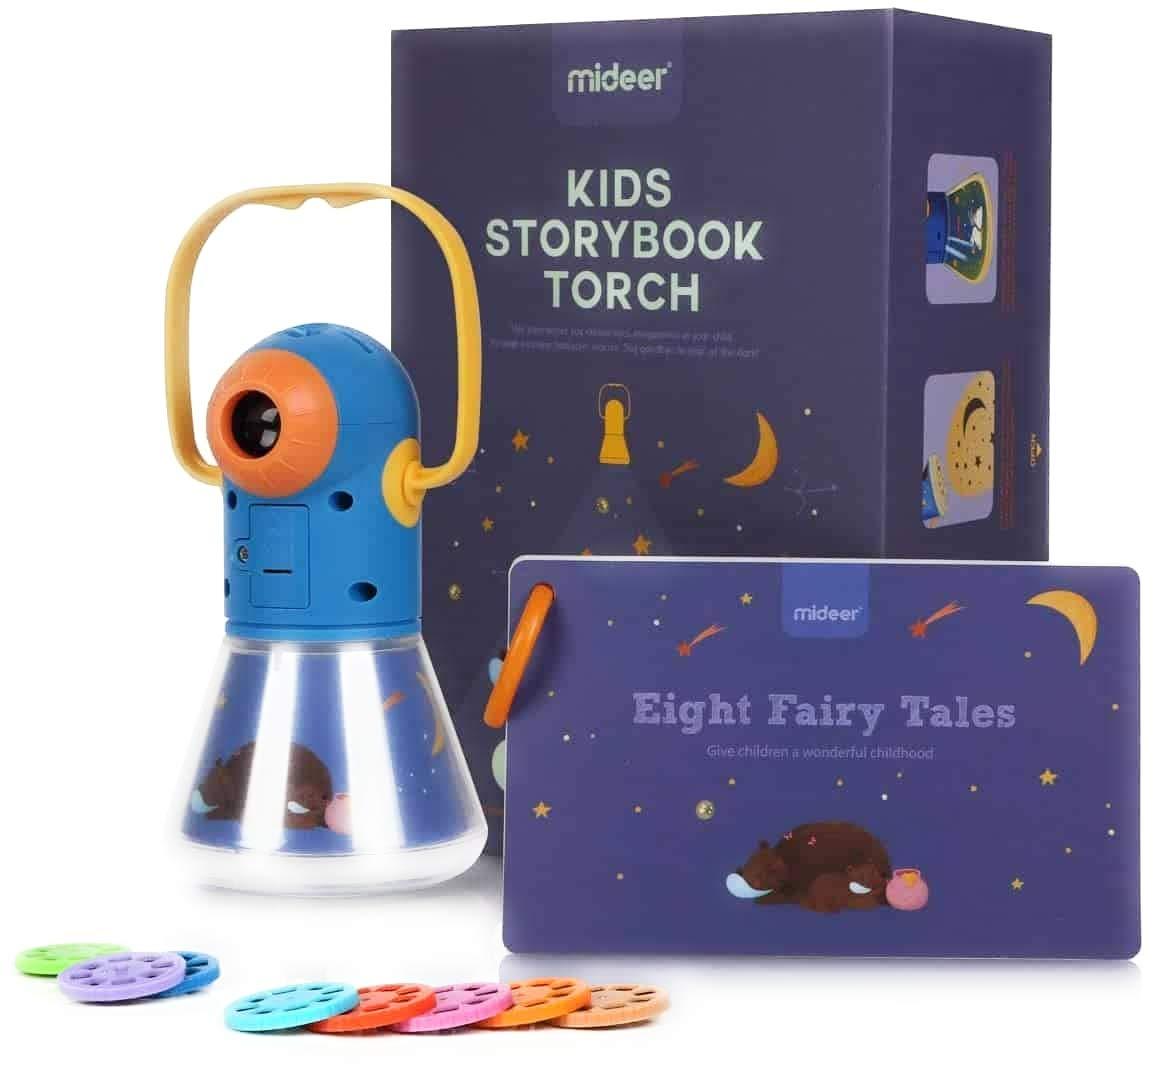 Proiector de povesti cu lumina de noapte mideer imagine